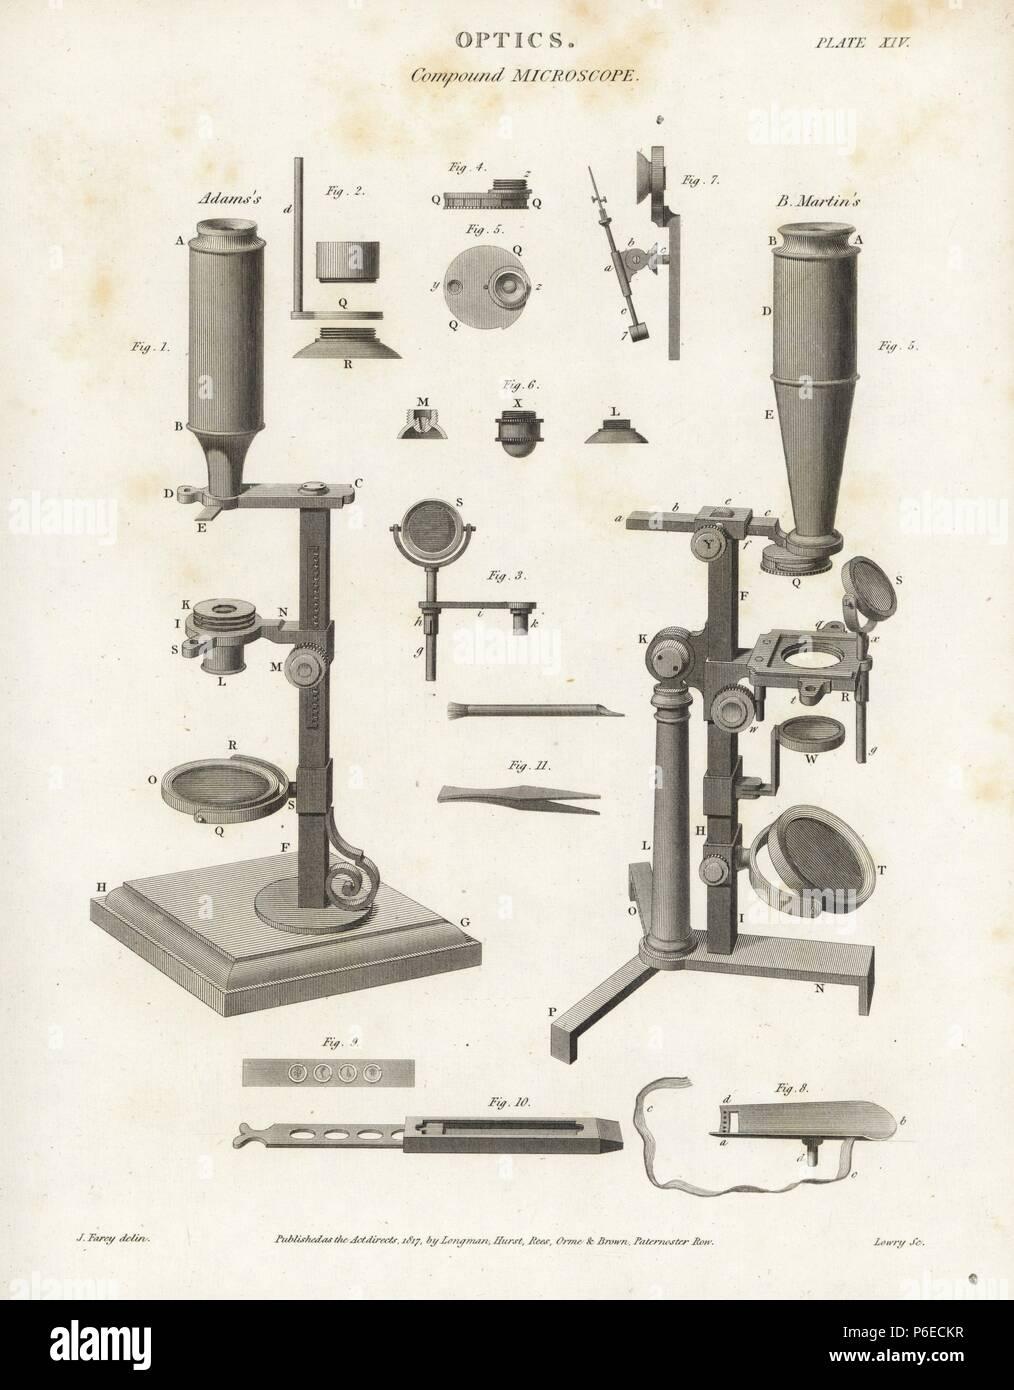 4307dad739cb4d Microscopio composto da meccanismi e parti compreso Adams  e Martin s.  Incisione su rame da Wilson Lowry ...